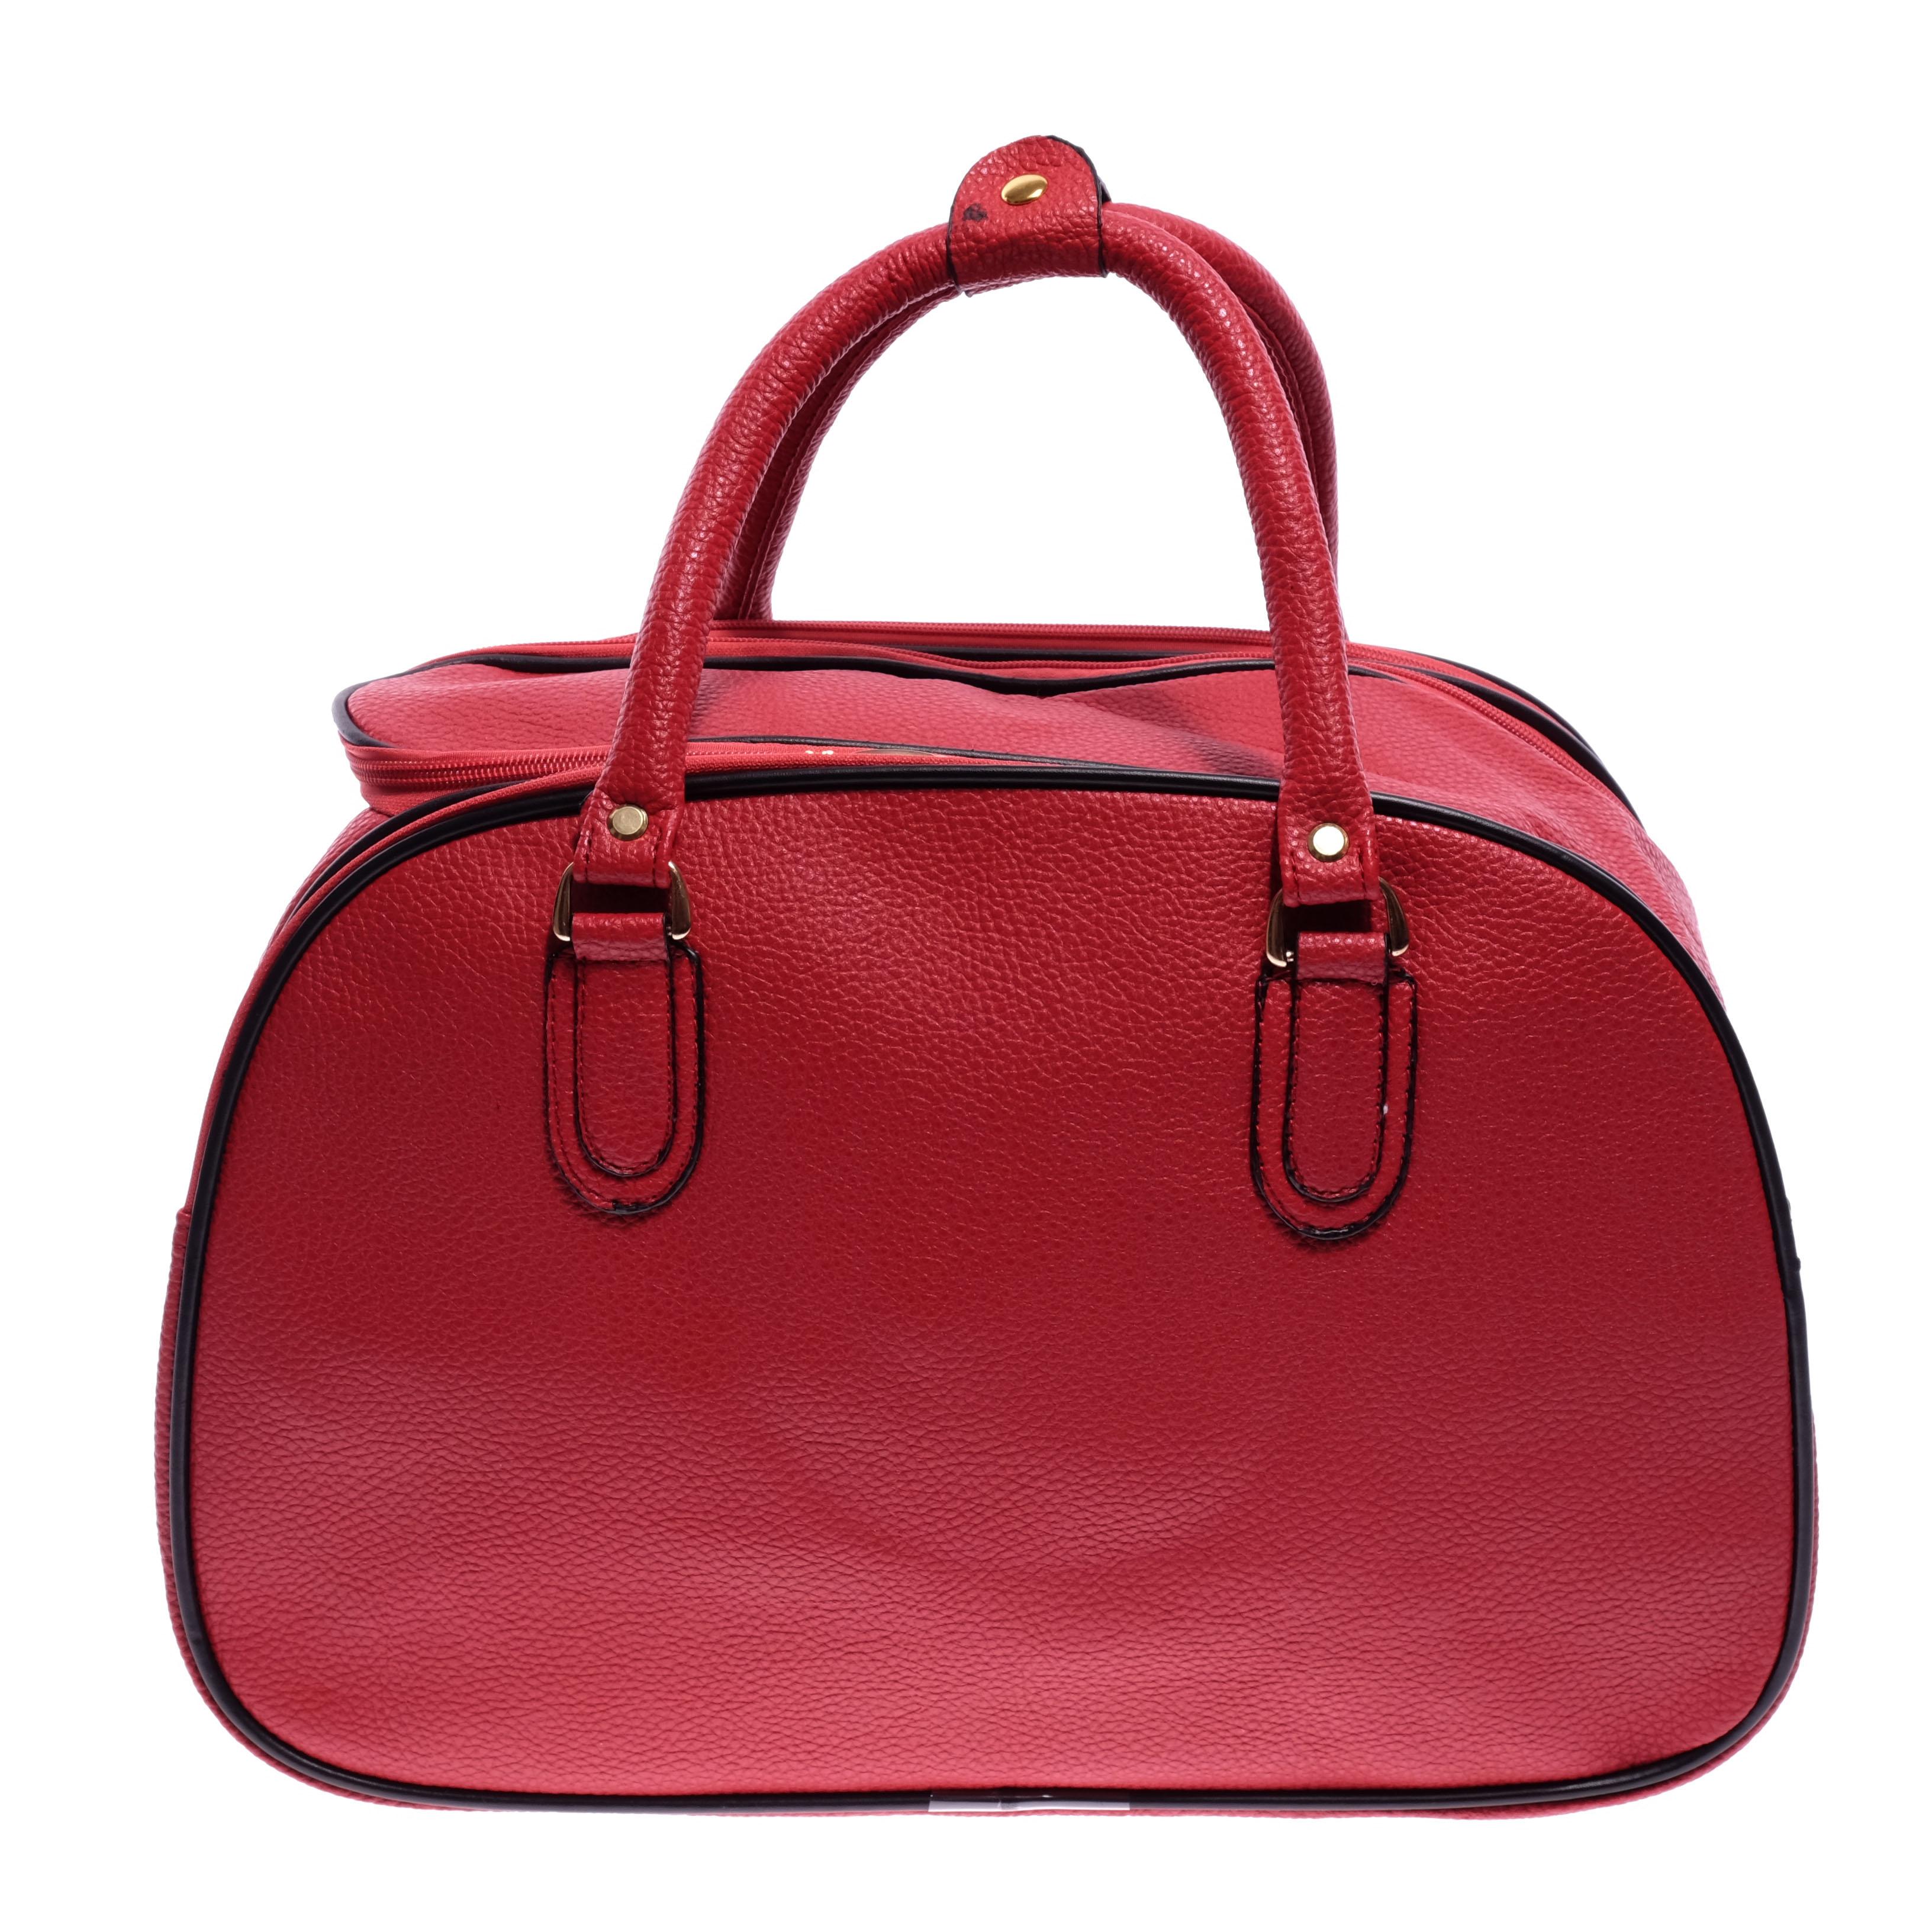 Besty Wizzair Műbőr Utazótáska Piros - KIS MÉRETŰ UTAZÓTÁSKA - Táska  webáruház - Minőségi táskák mindenkinek c0a58bbf6e